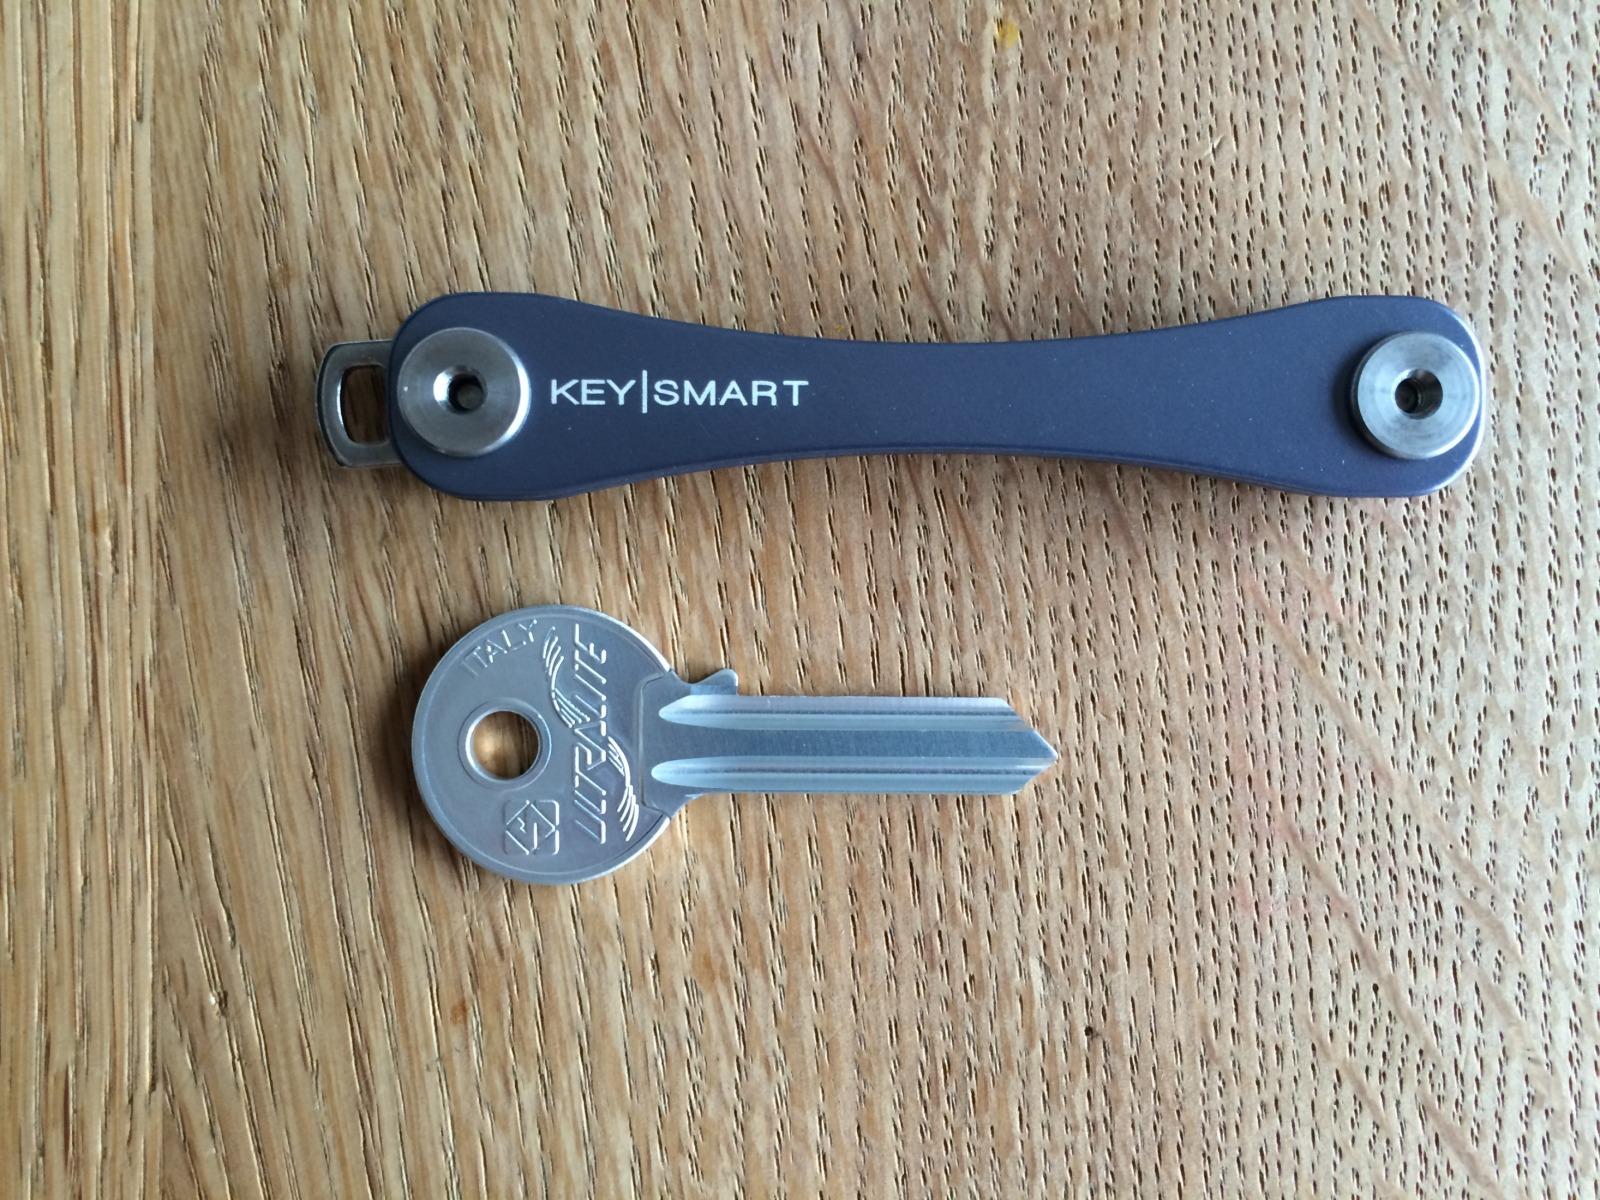 Ultralite-Ersatzschlüssel für den Keysmart